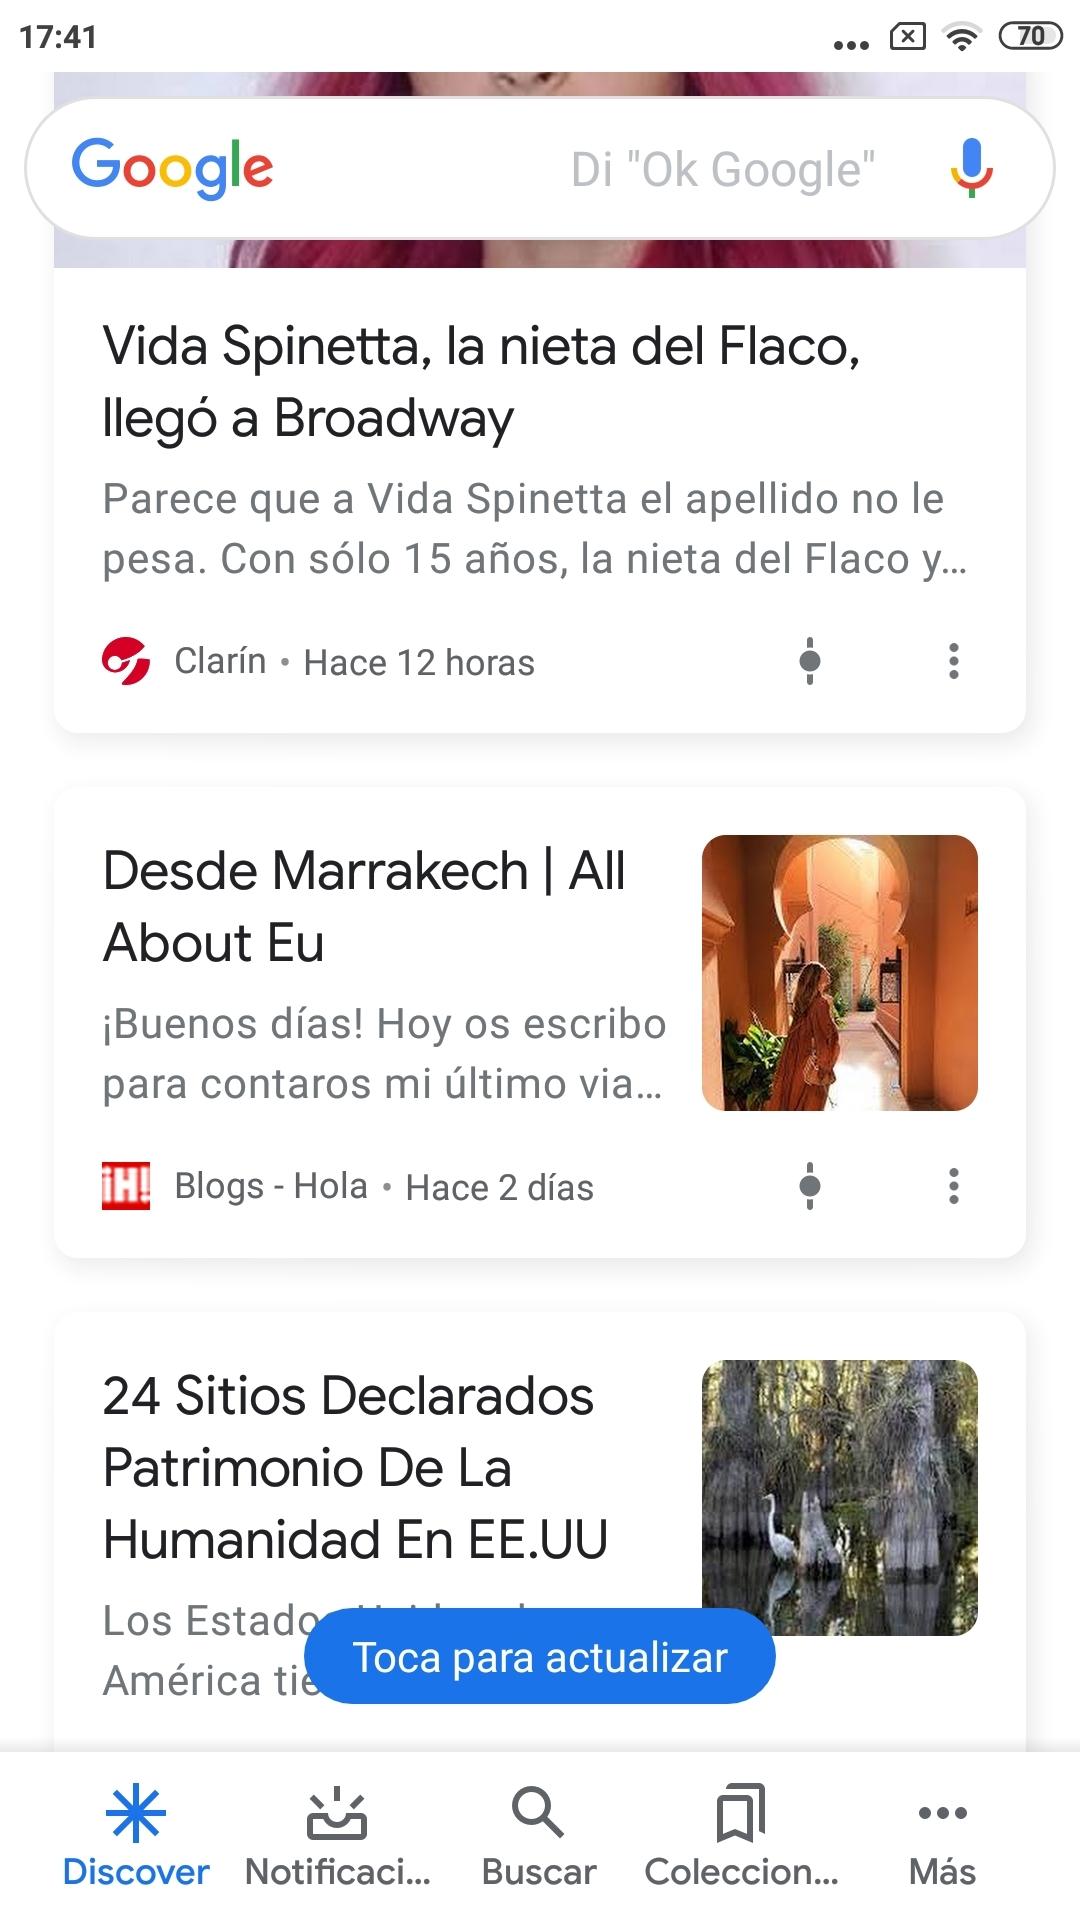 Cajitas de contenido de Google Discover